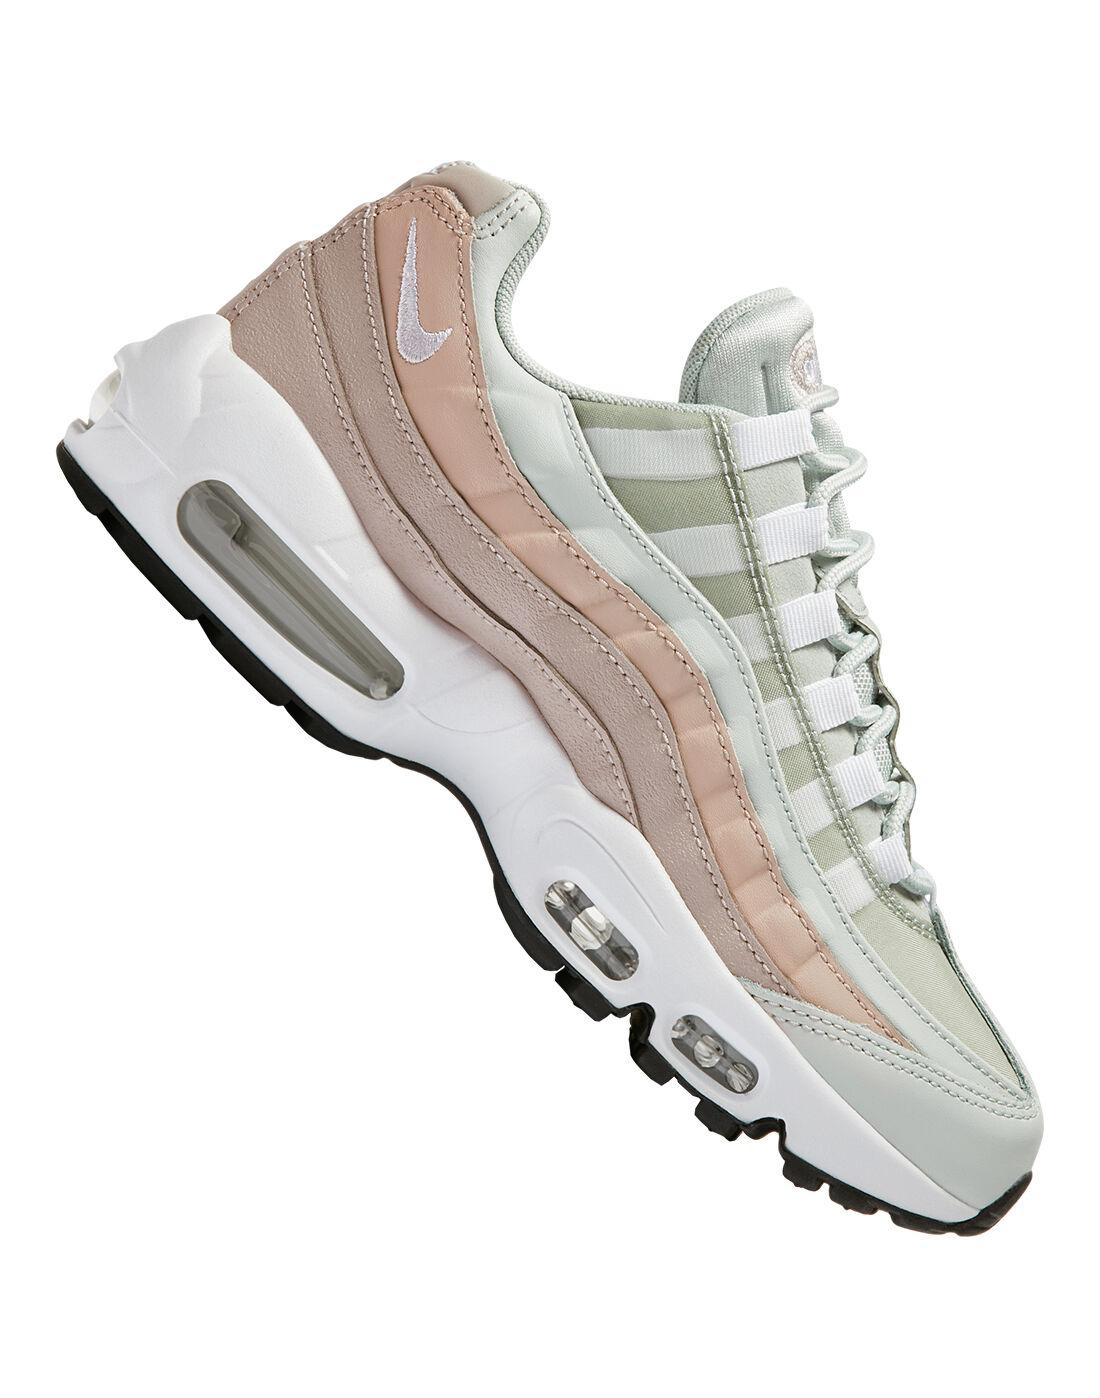 Pastel Pink \u0026 White Nike Air Max 95